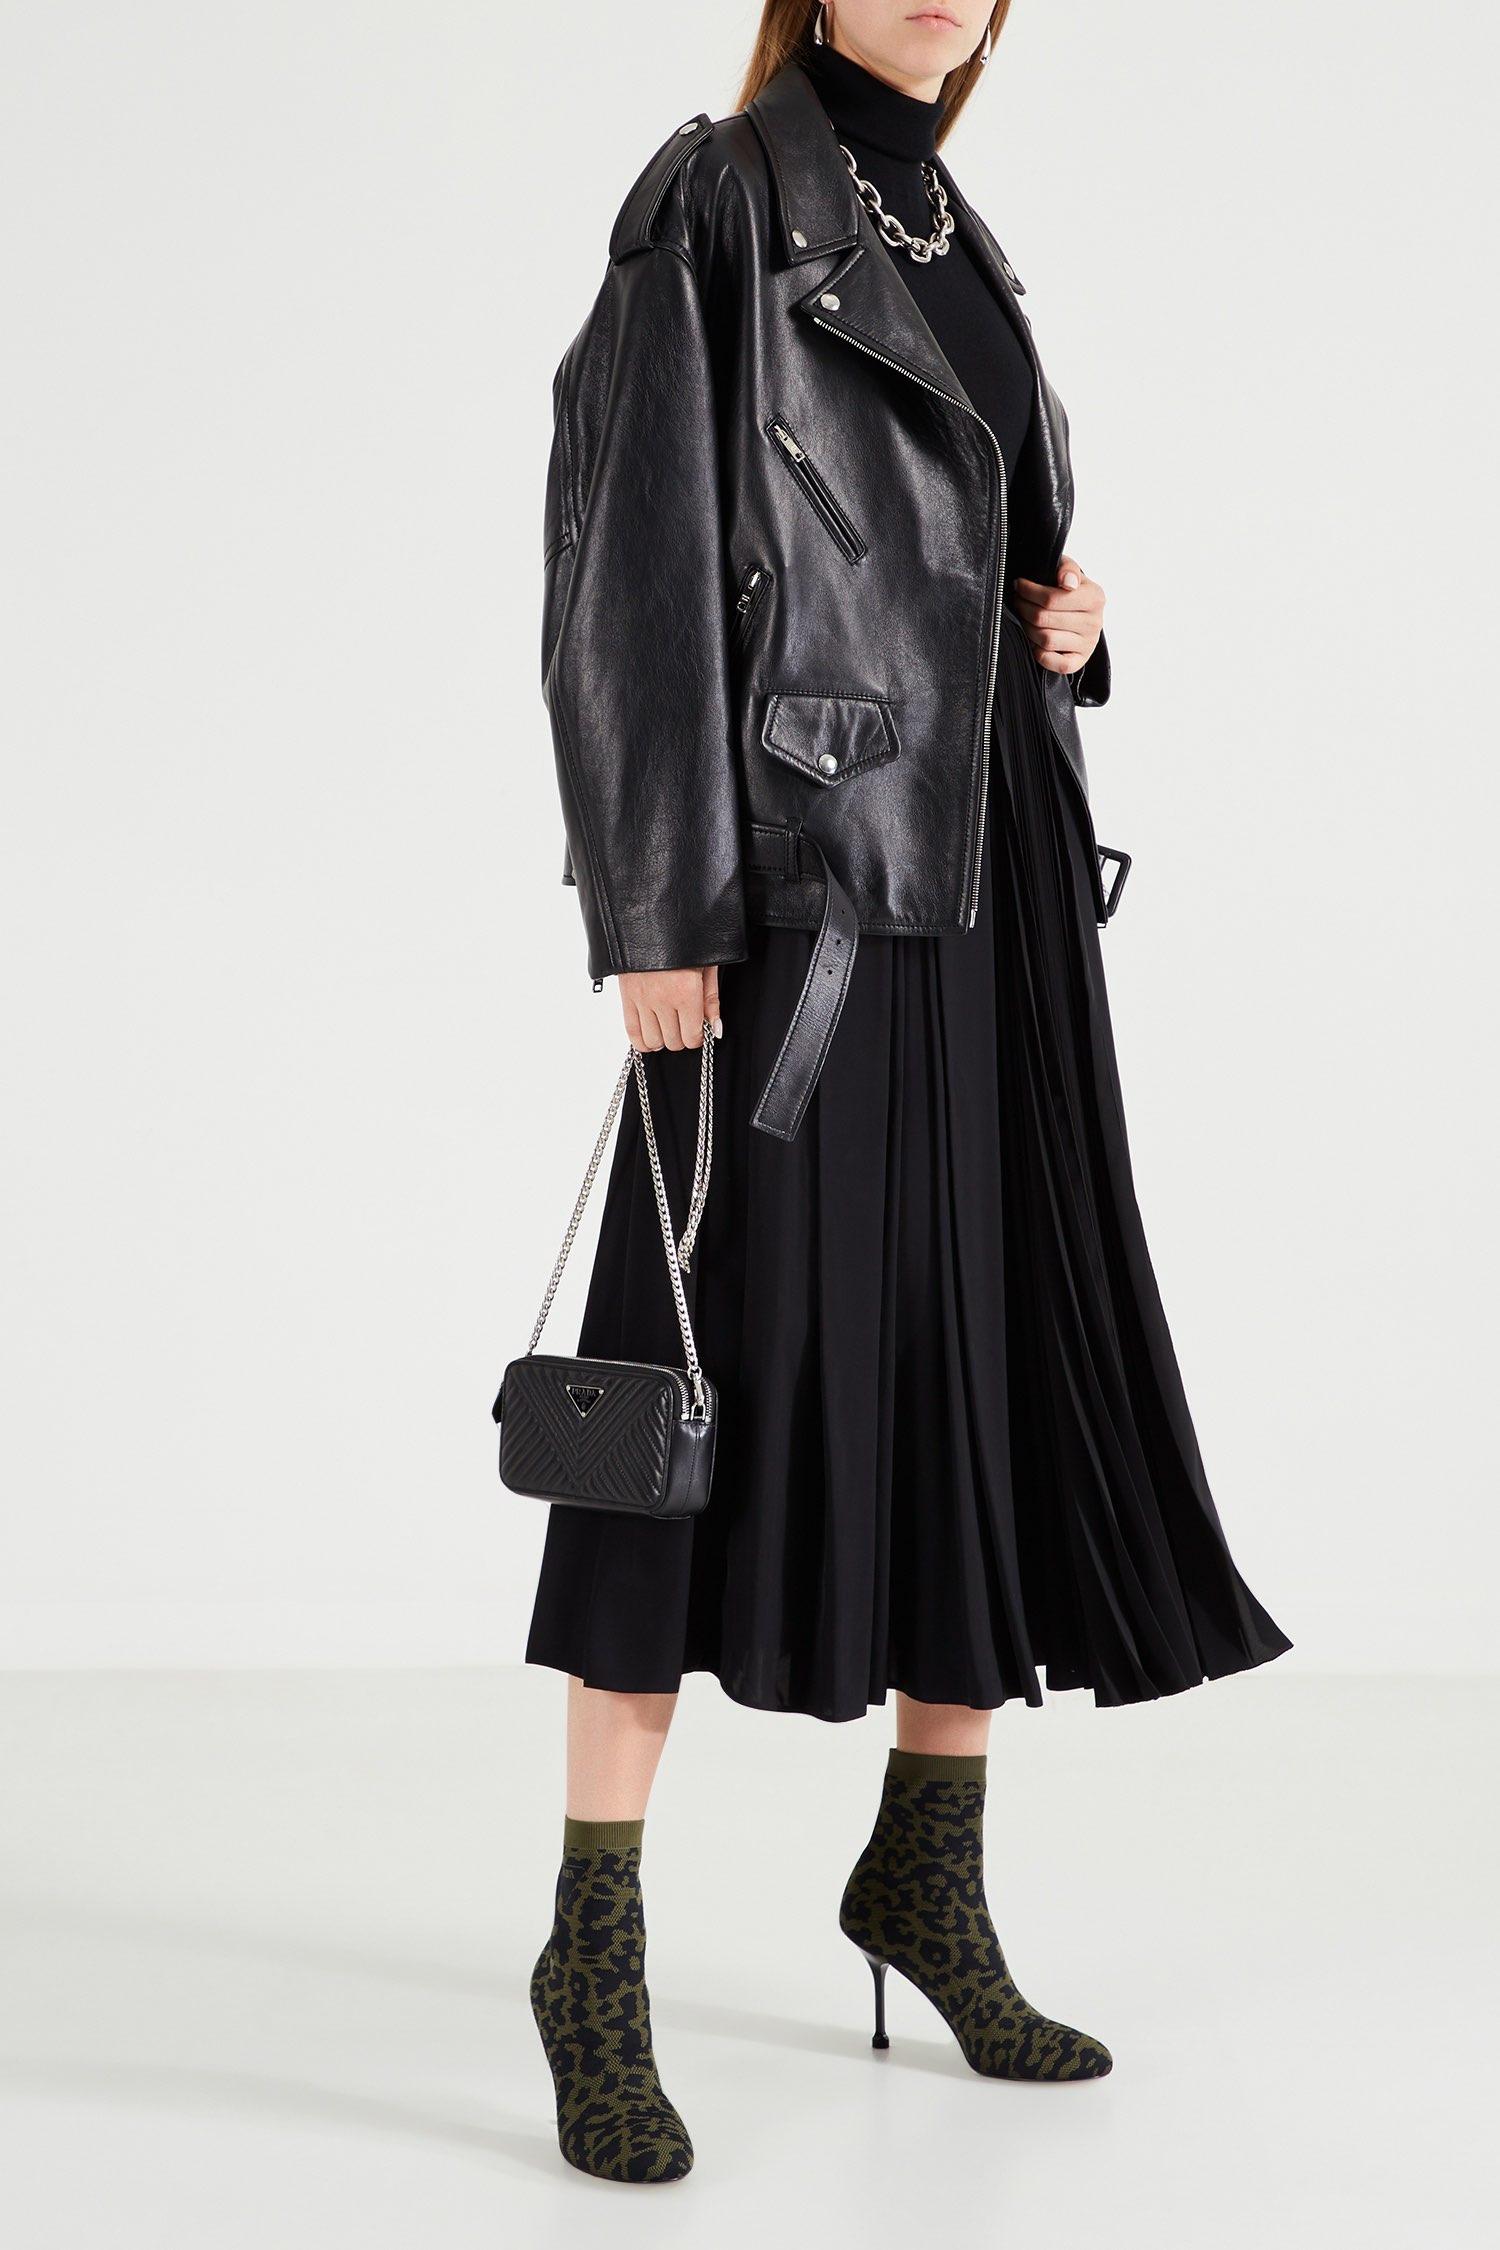 Выбираем демисезонную куртку - тренды весны-2020